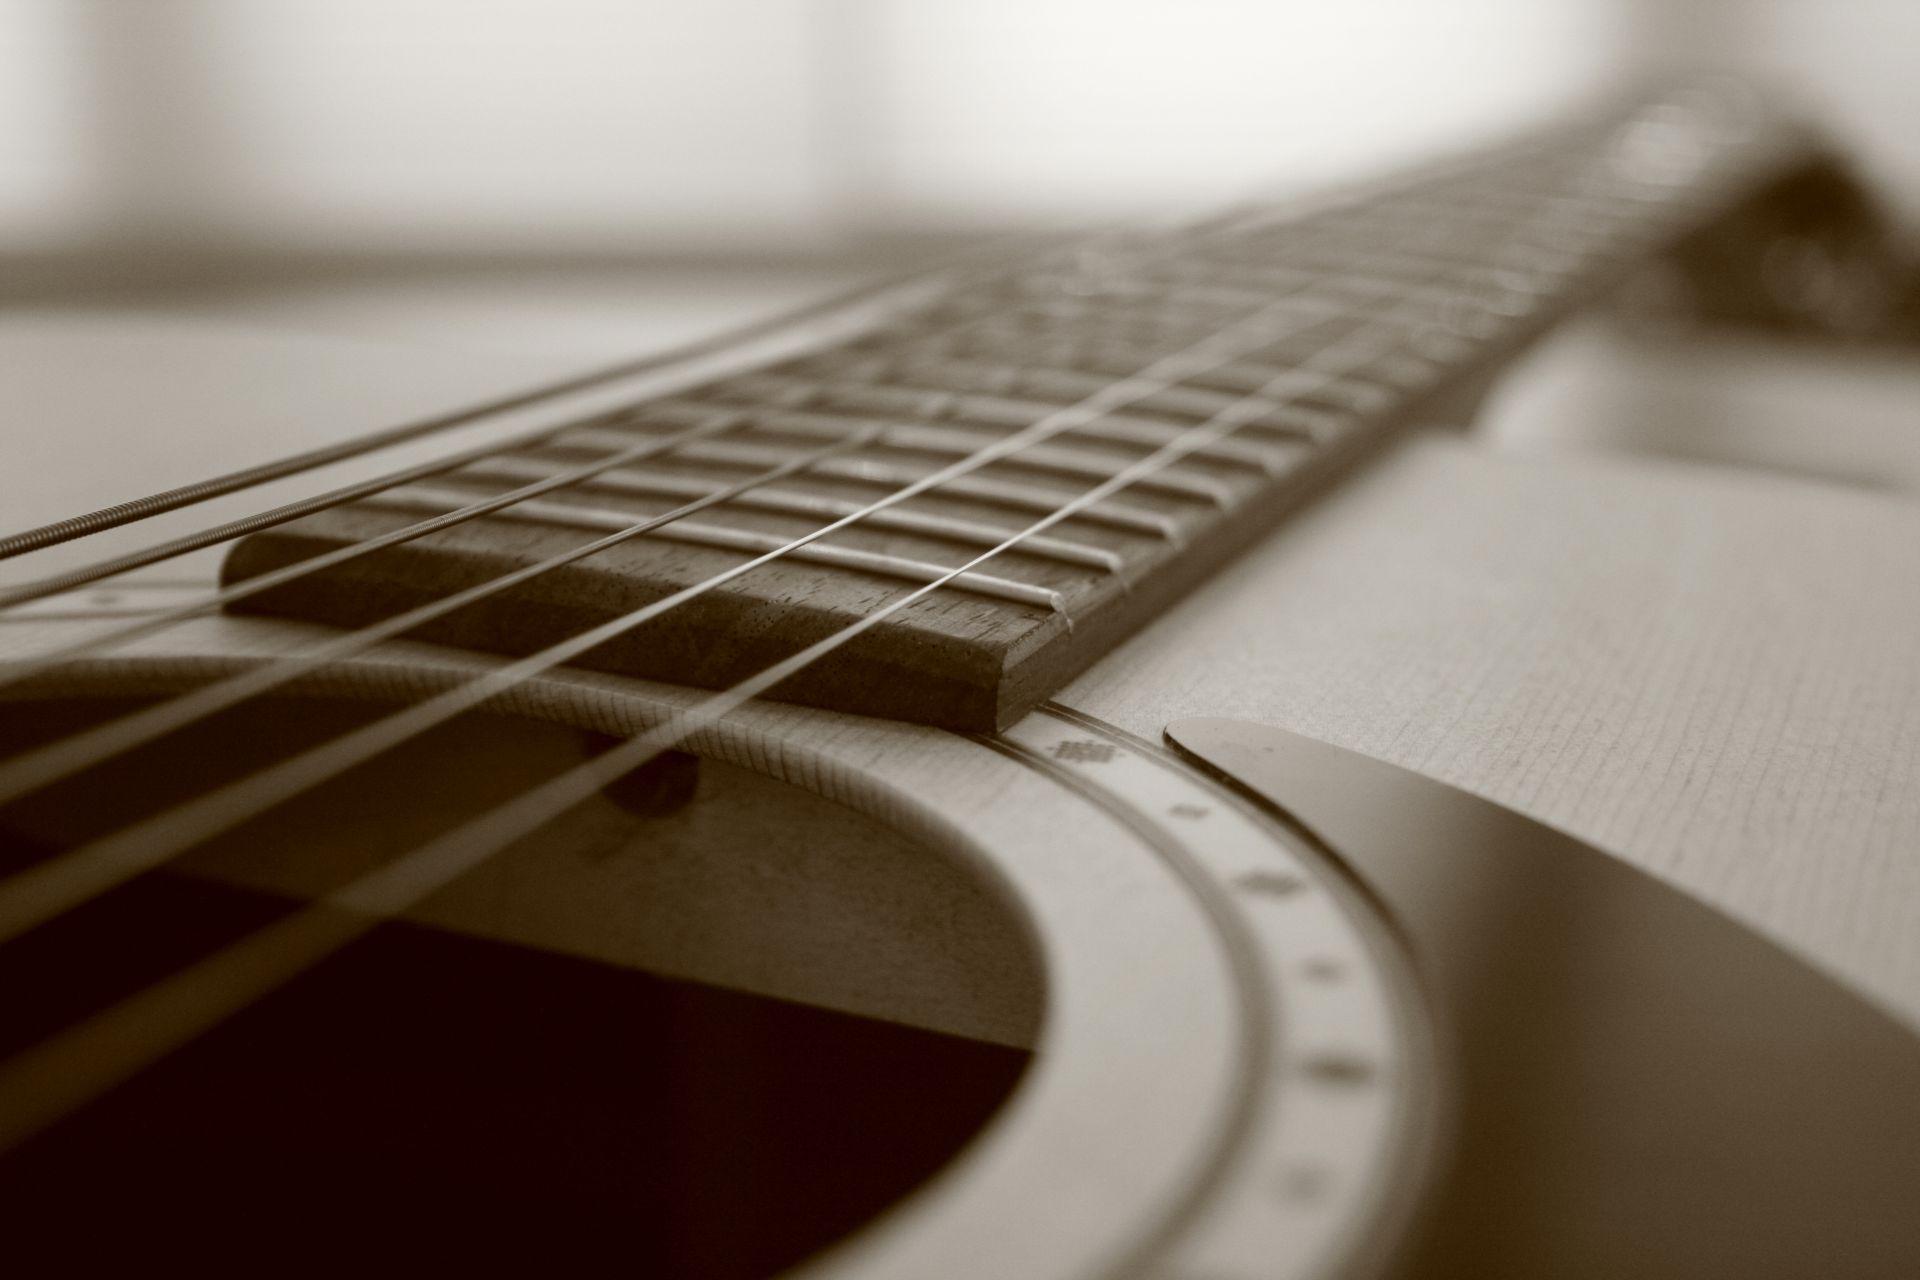 Acoustic Guitar strings, Download Wallpaper